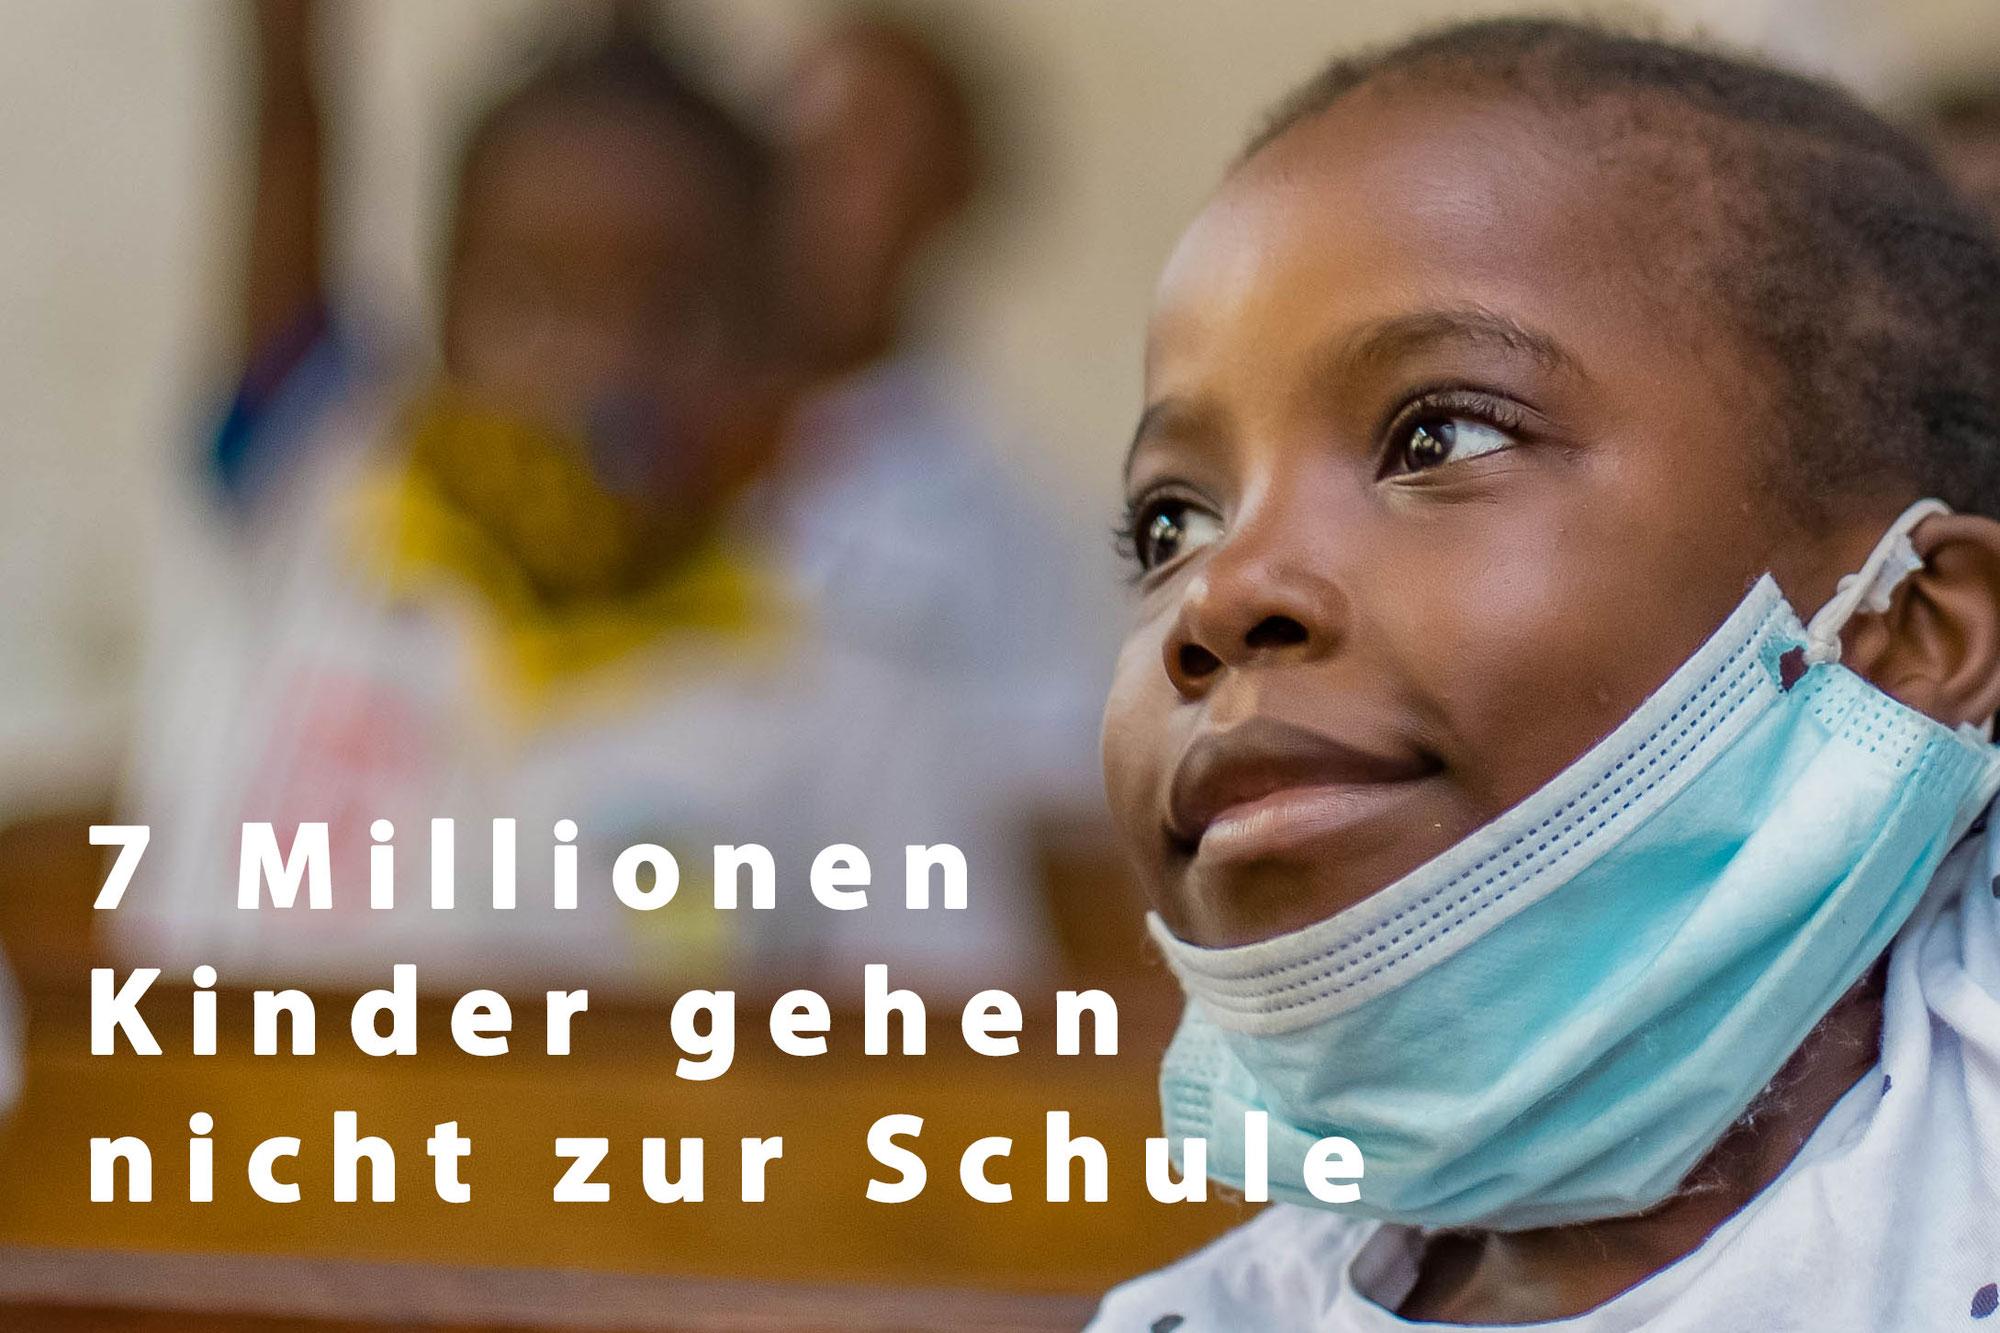 7 Millionen Kinder gehen nicht zur Schule